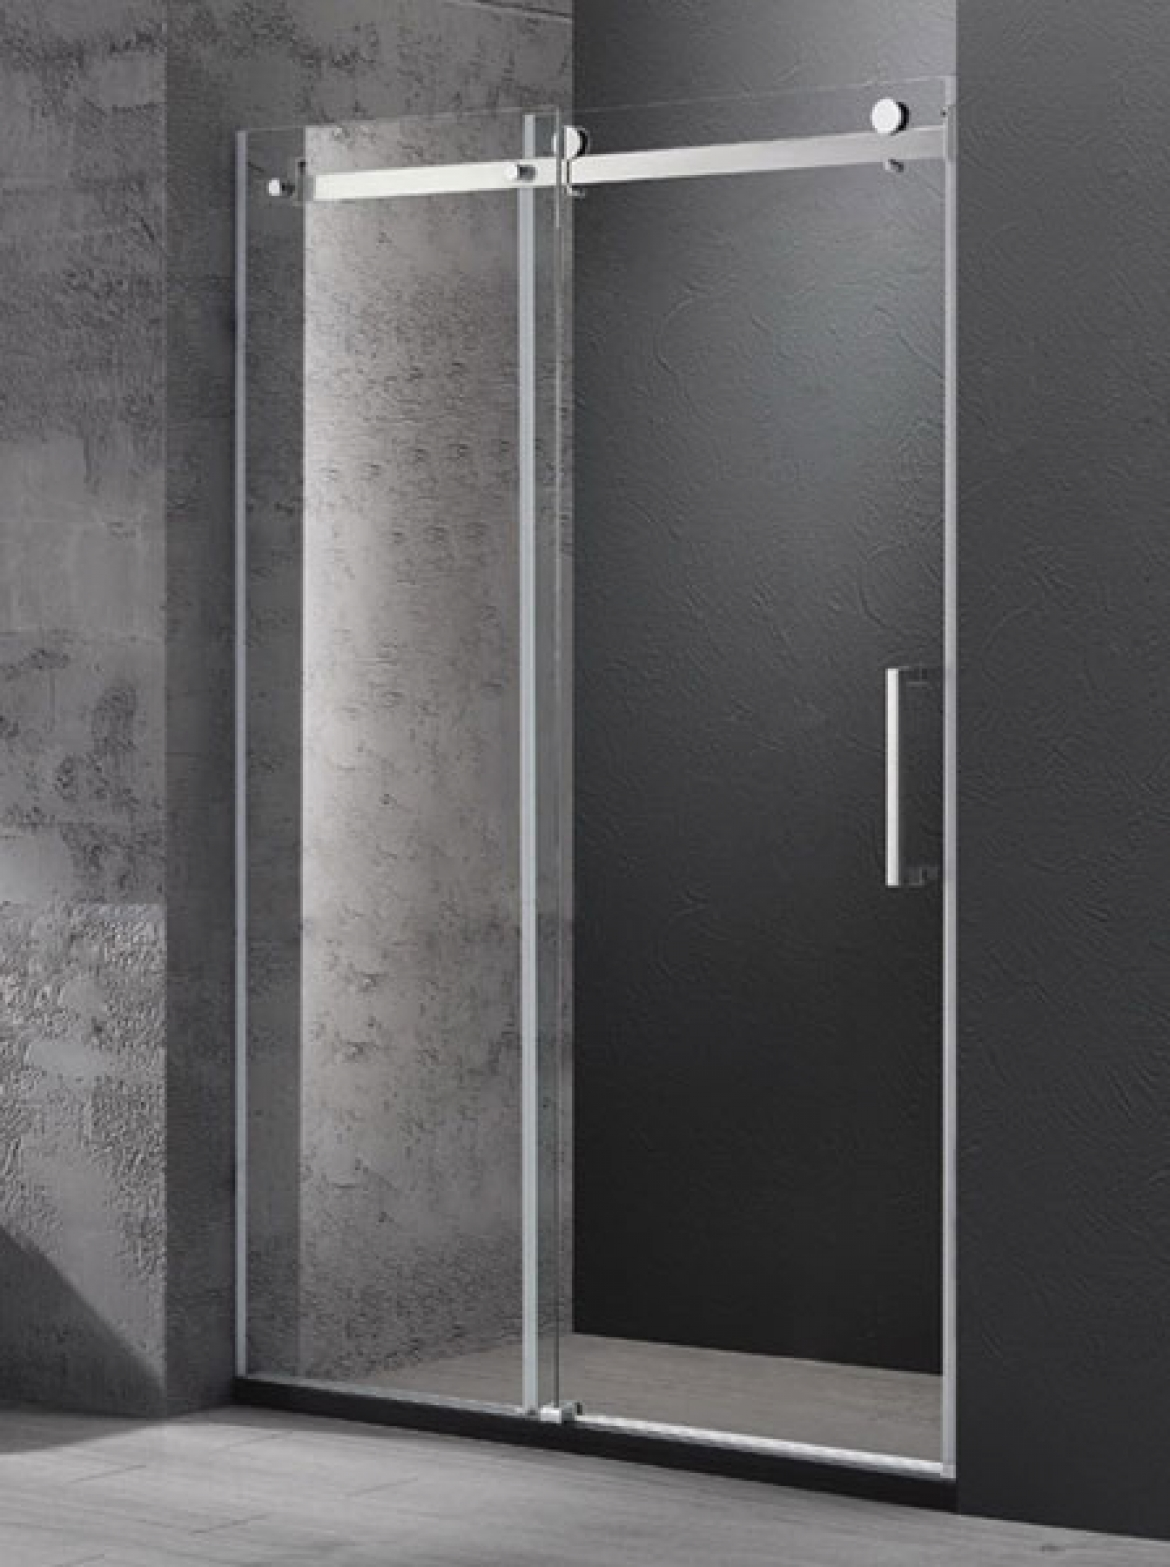 Wall to wall frameless sliding shower screen [1600 x 1950 mm]